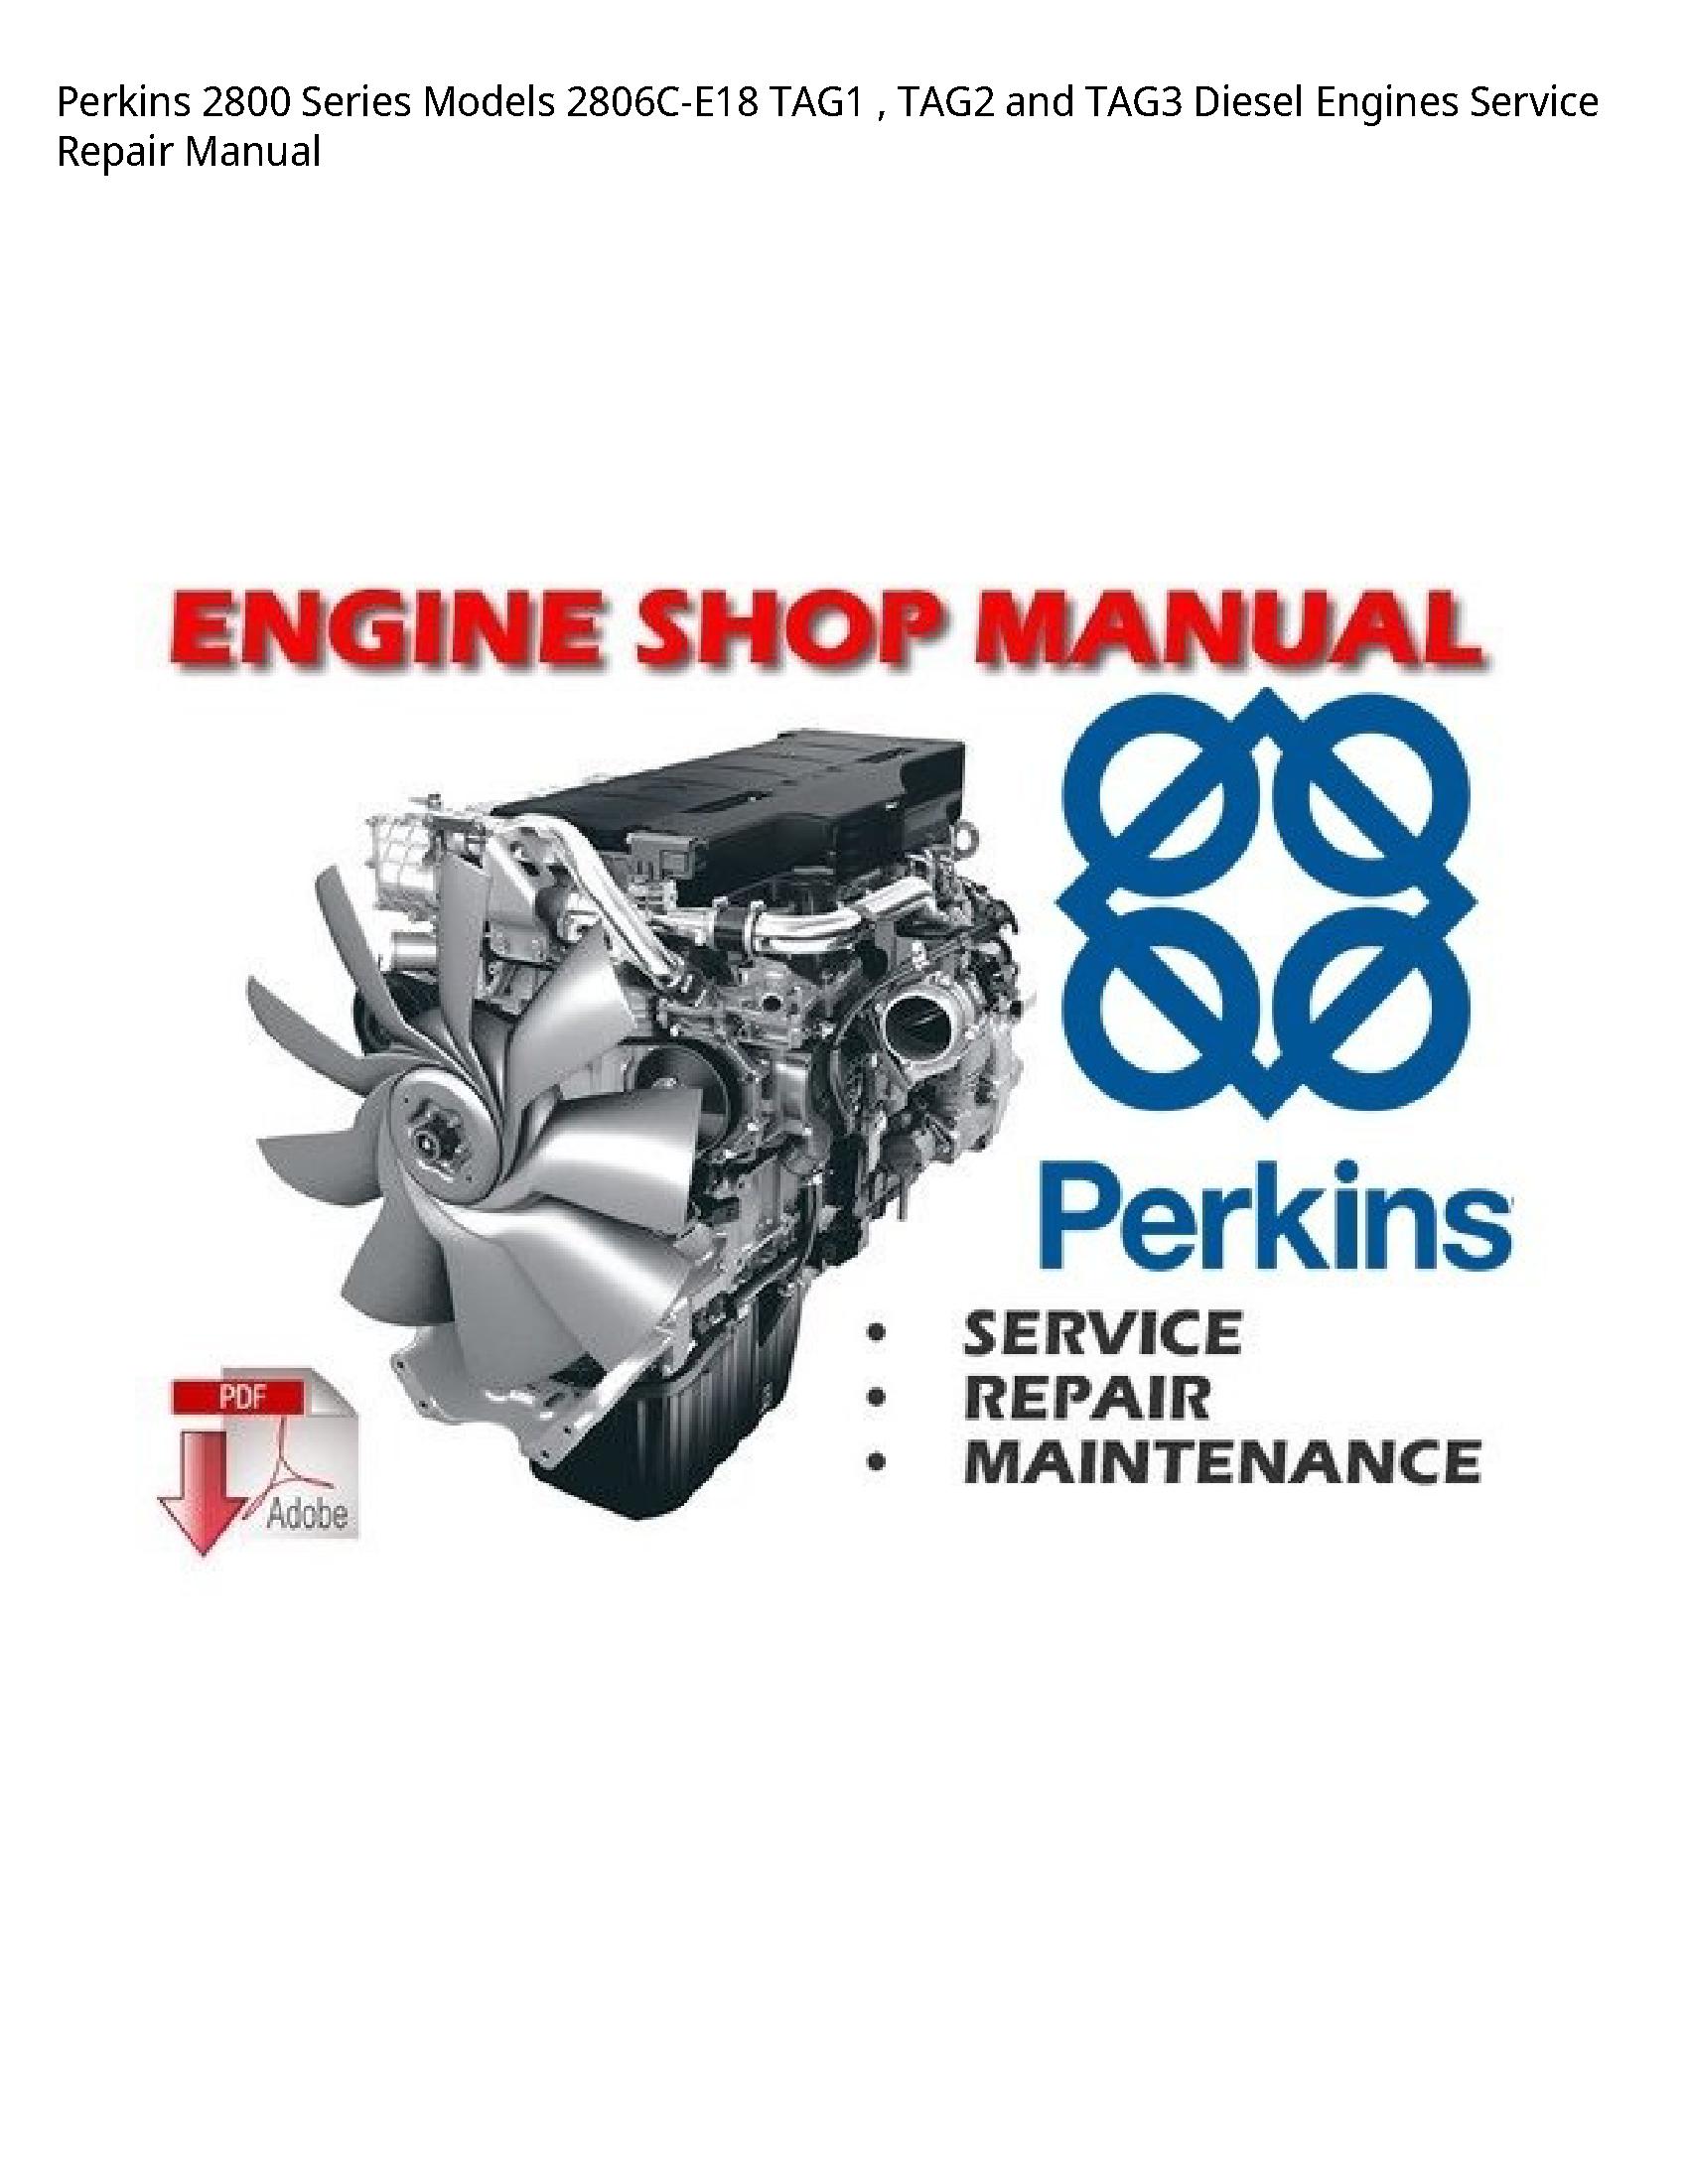 Perkins 2800 Series  Diesel Engines manual